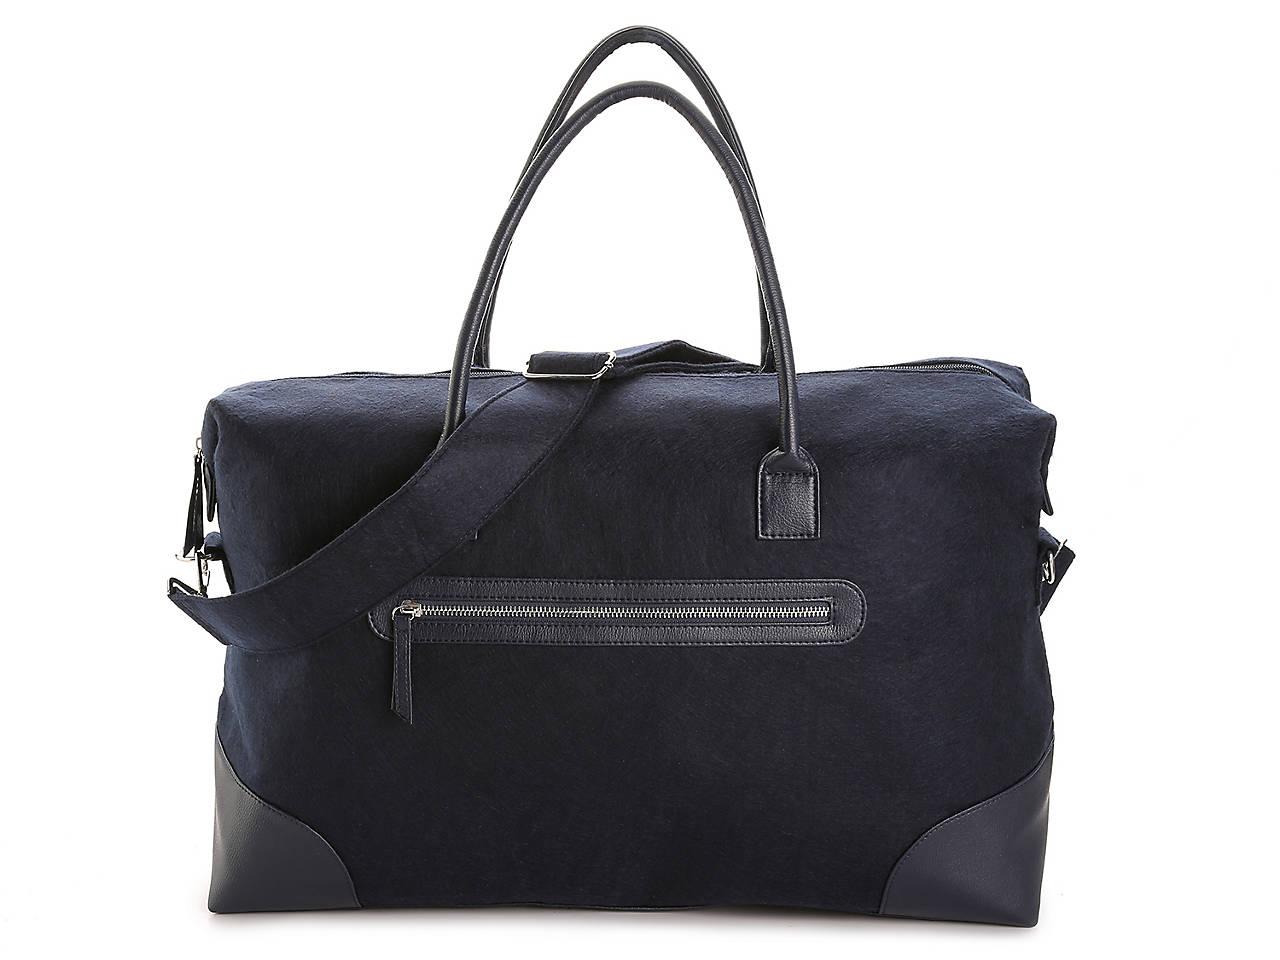 59c923907335 DSW Exclusive Free Felt Weekender Women s Handbags   Accessories